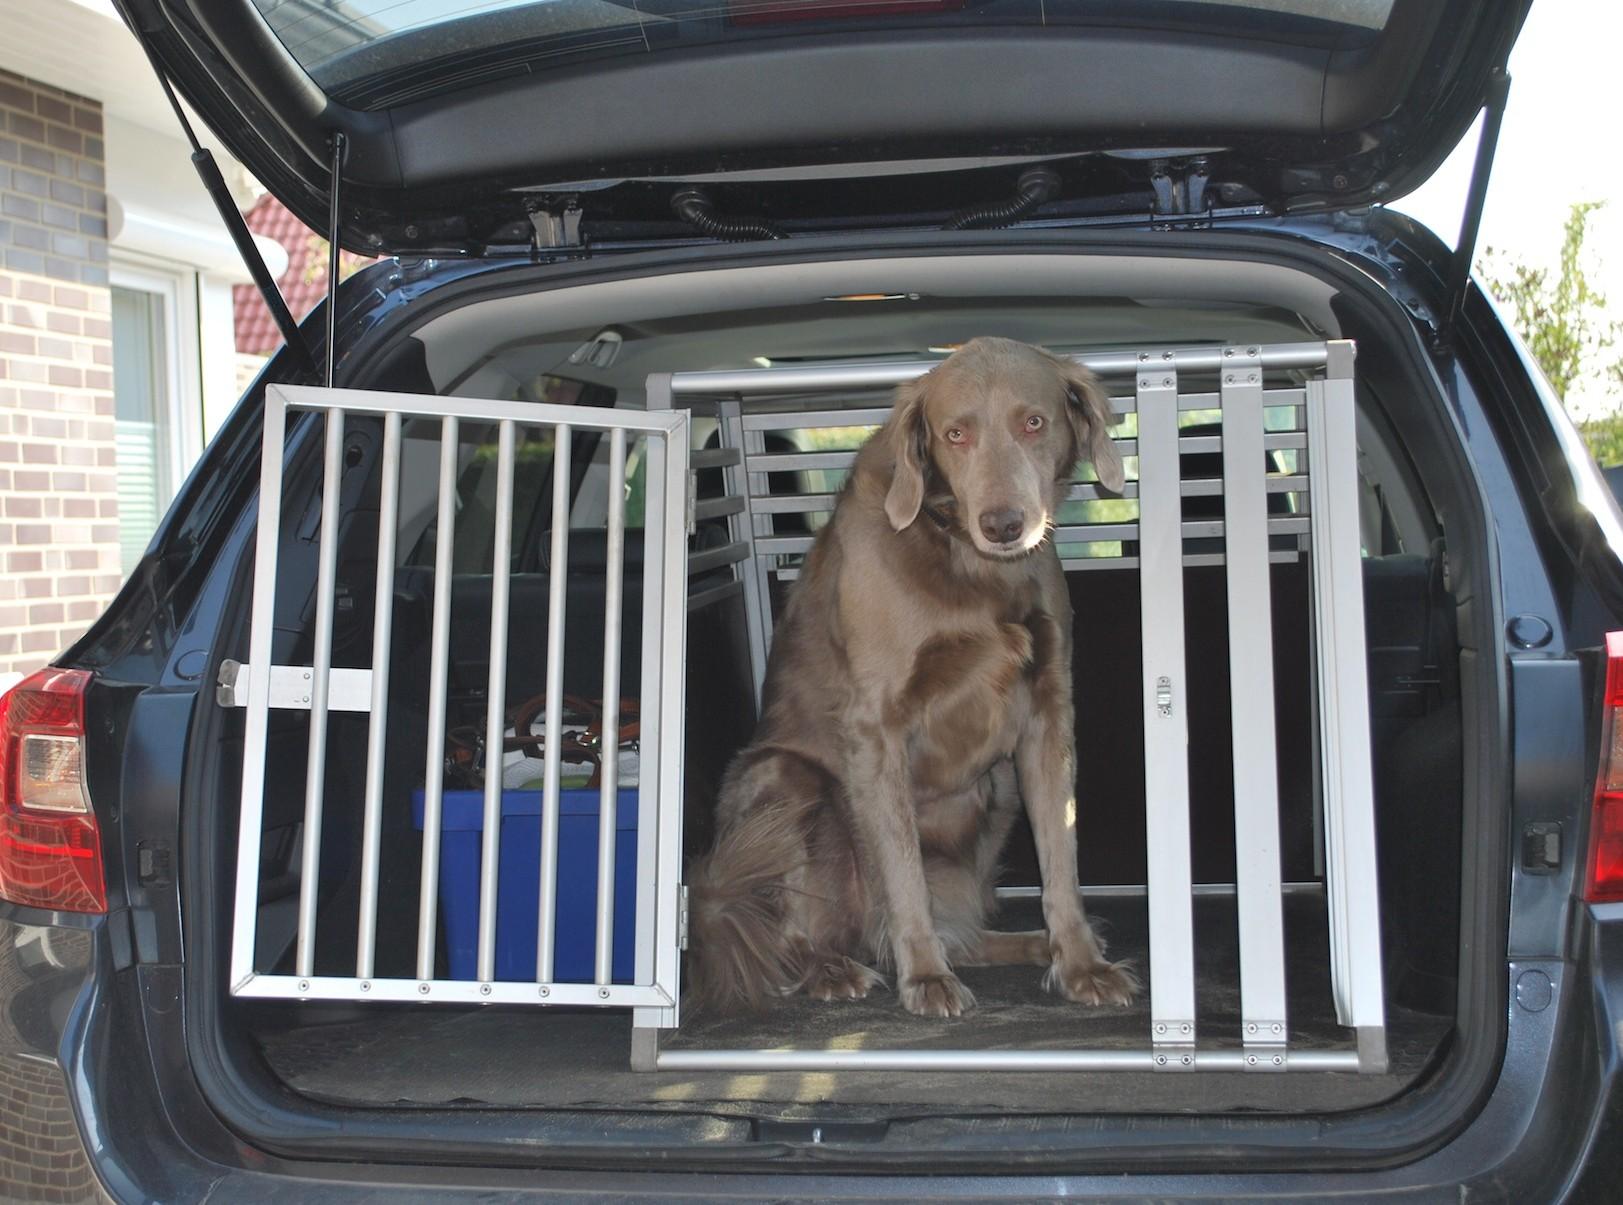 Spezielle Transportboxen für Hunde haben sich als geeignete Möglichkeit durchgesetzt, den Vierbeiner sicher im Auto unterzubringen. Bei Behältnissen für größere Hunde bleibt allerdings nicht mehr viel Platz im Kofferraum für das Gepäck.